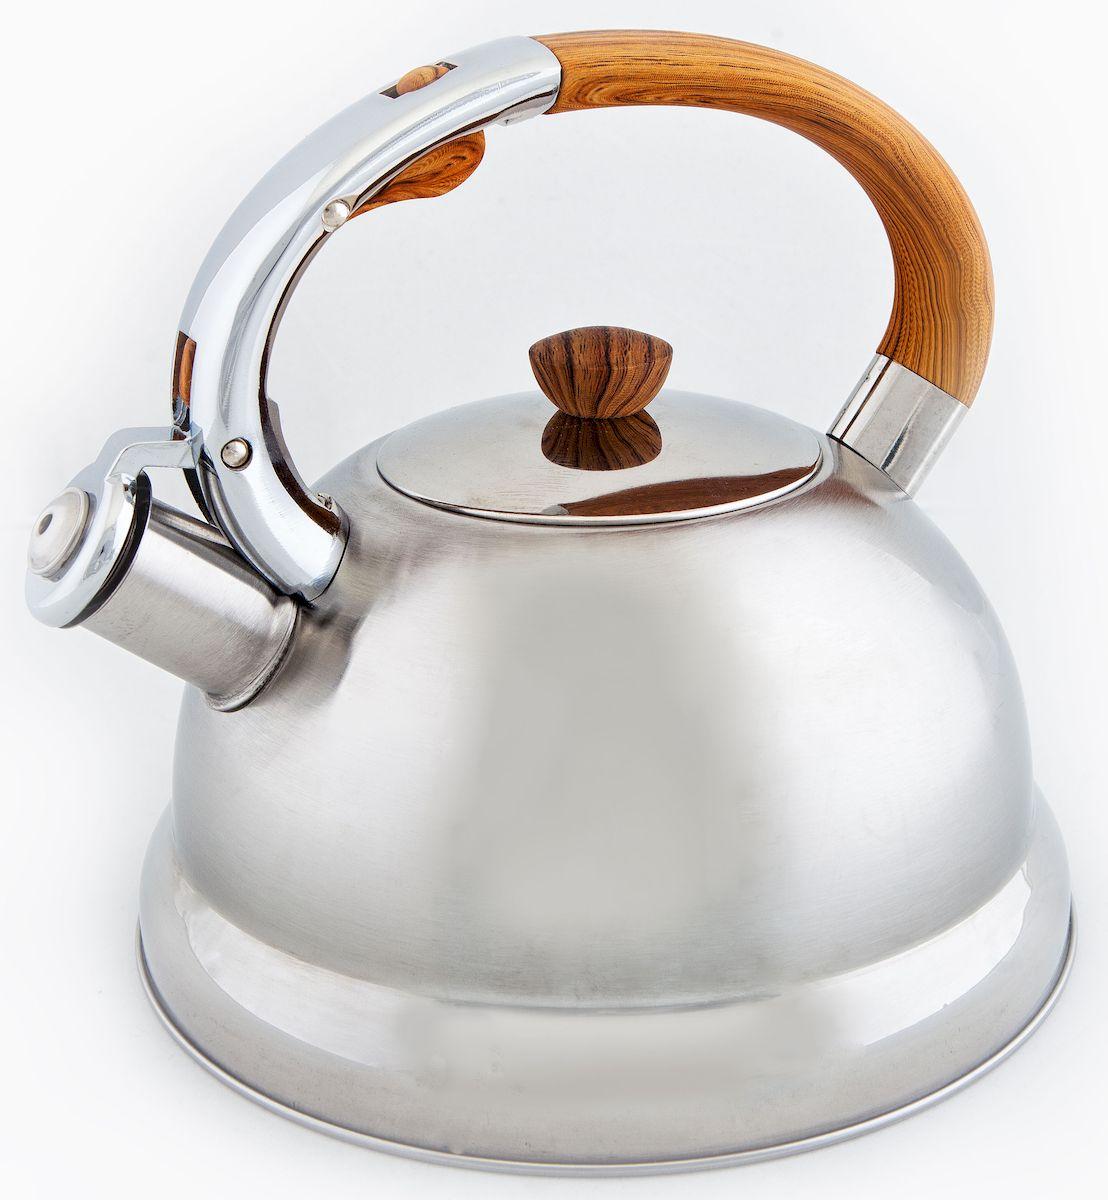 Чайник Hoffmann со свистком, 3 л. НМ 5516НМ 5516Чайник Hoffmann выполнен из высококачественной нержавеющей стали, чтоделает его весьма гигиеничным и устойчивым к износу при длительномиспользовании. Носик чайника оснащен насадкой-свистком, что позволитвам контролировать процесс подогрева или кипячения воды. Фиксированнаяручка, изготовленная из бакелита, оснащена механизмом открывания носика.Эстетичный и функциональный чайник будет оригинально смотреться влюбом интерьере.